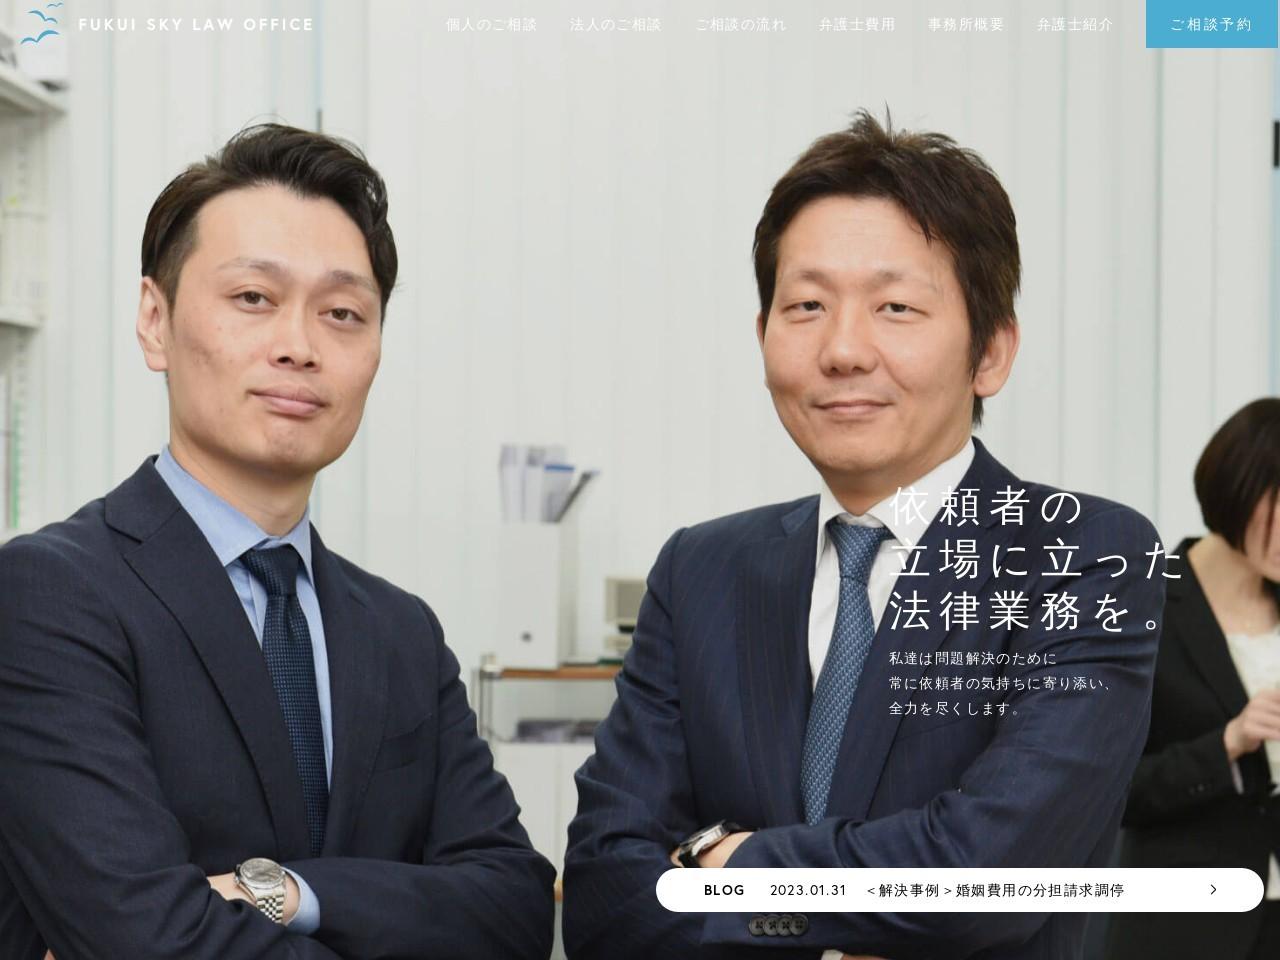 福井スカイ法律事務所(弁護士法人)